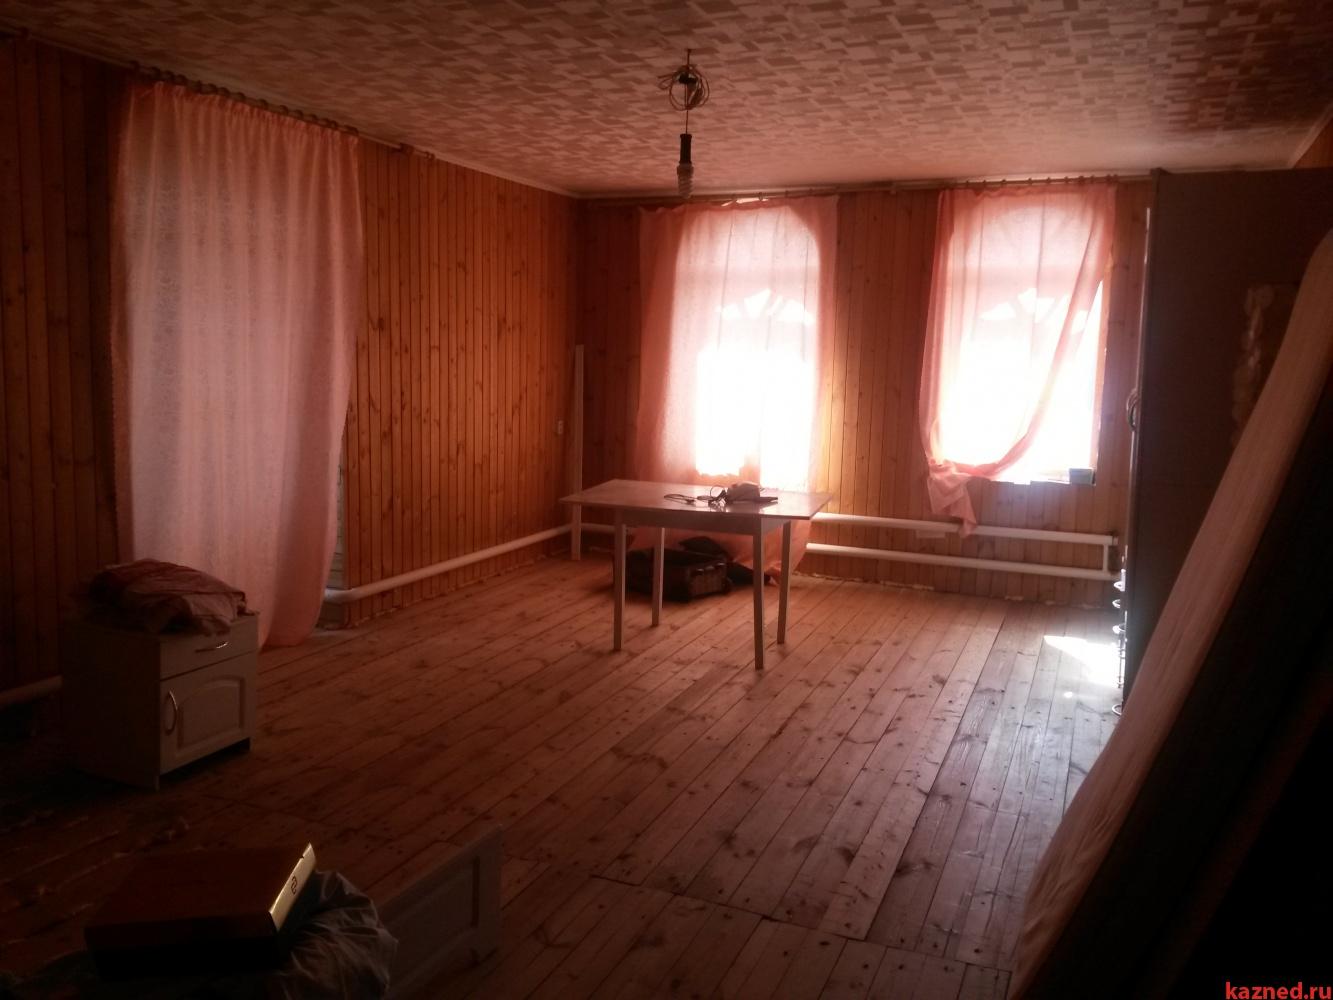 Продажа  дома Татарстан, 17, 167 м2  (миниатюра №4)